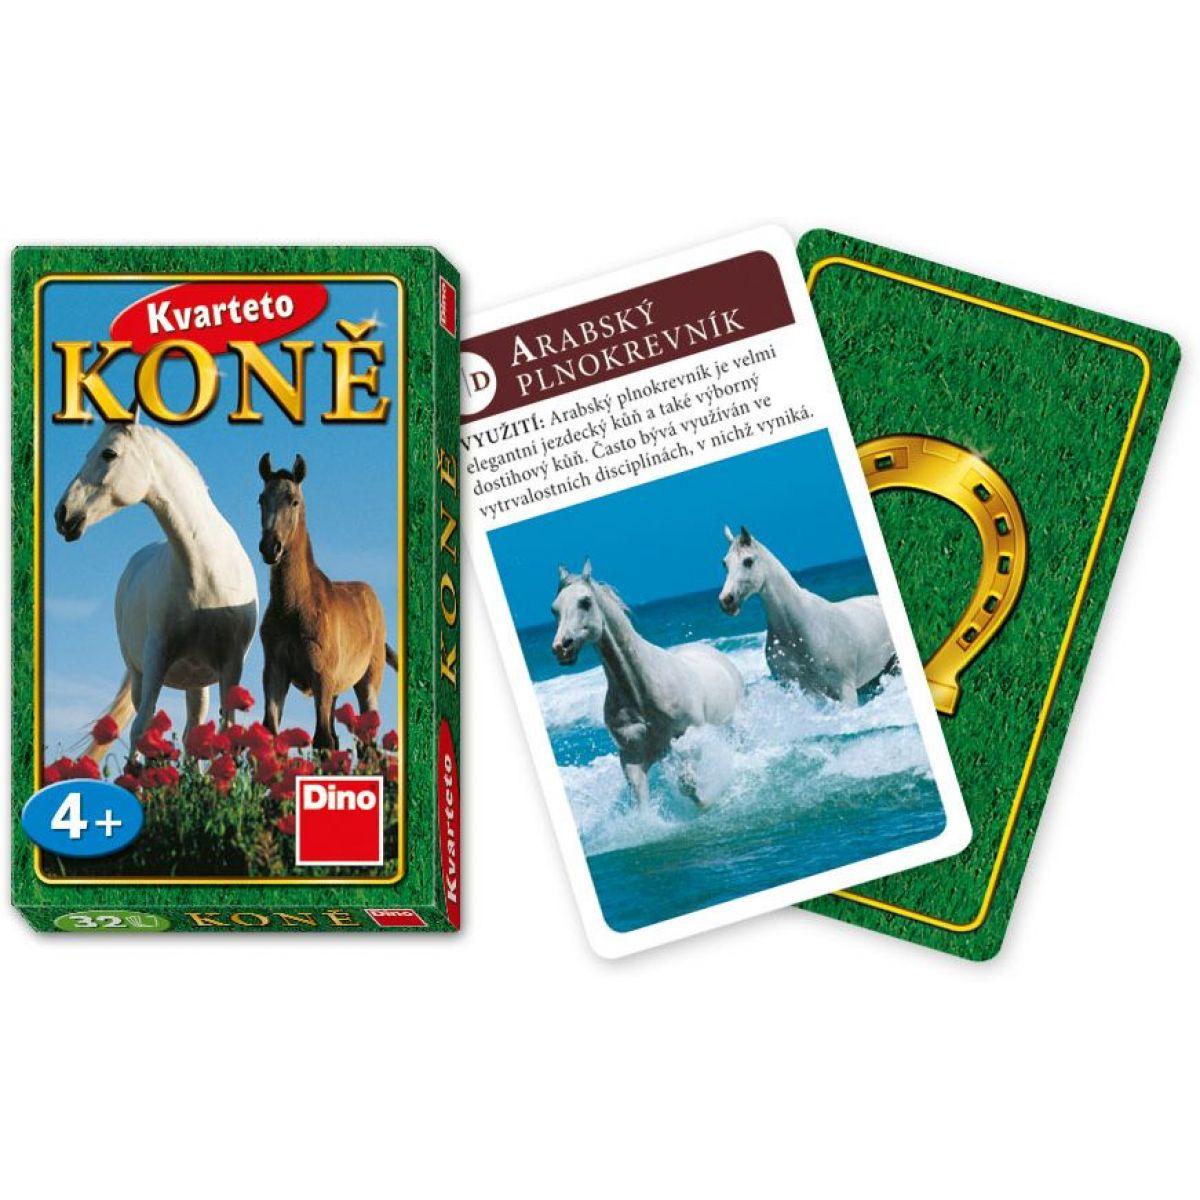 Dino Kvarteto: Koně